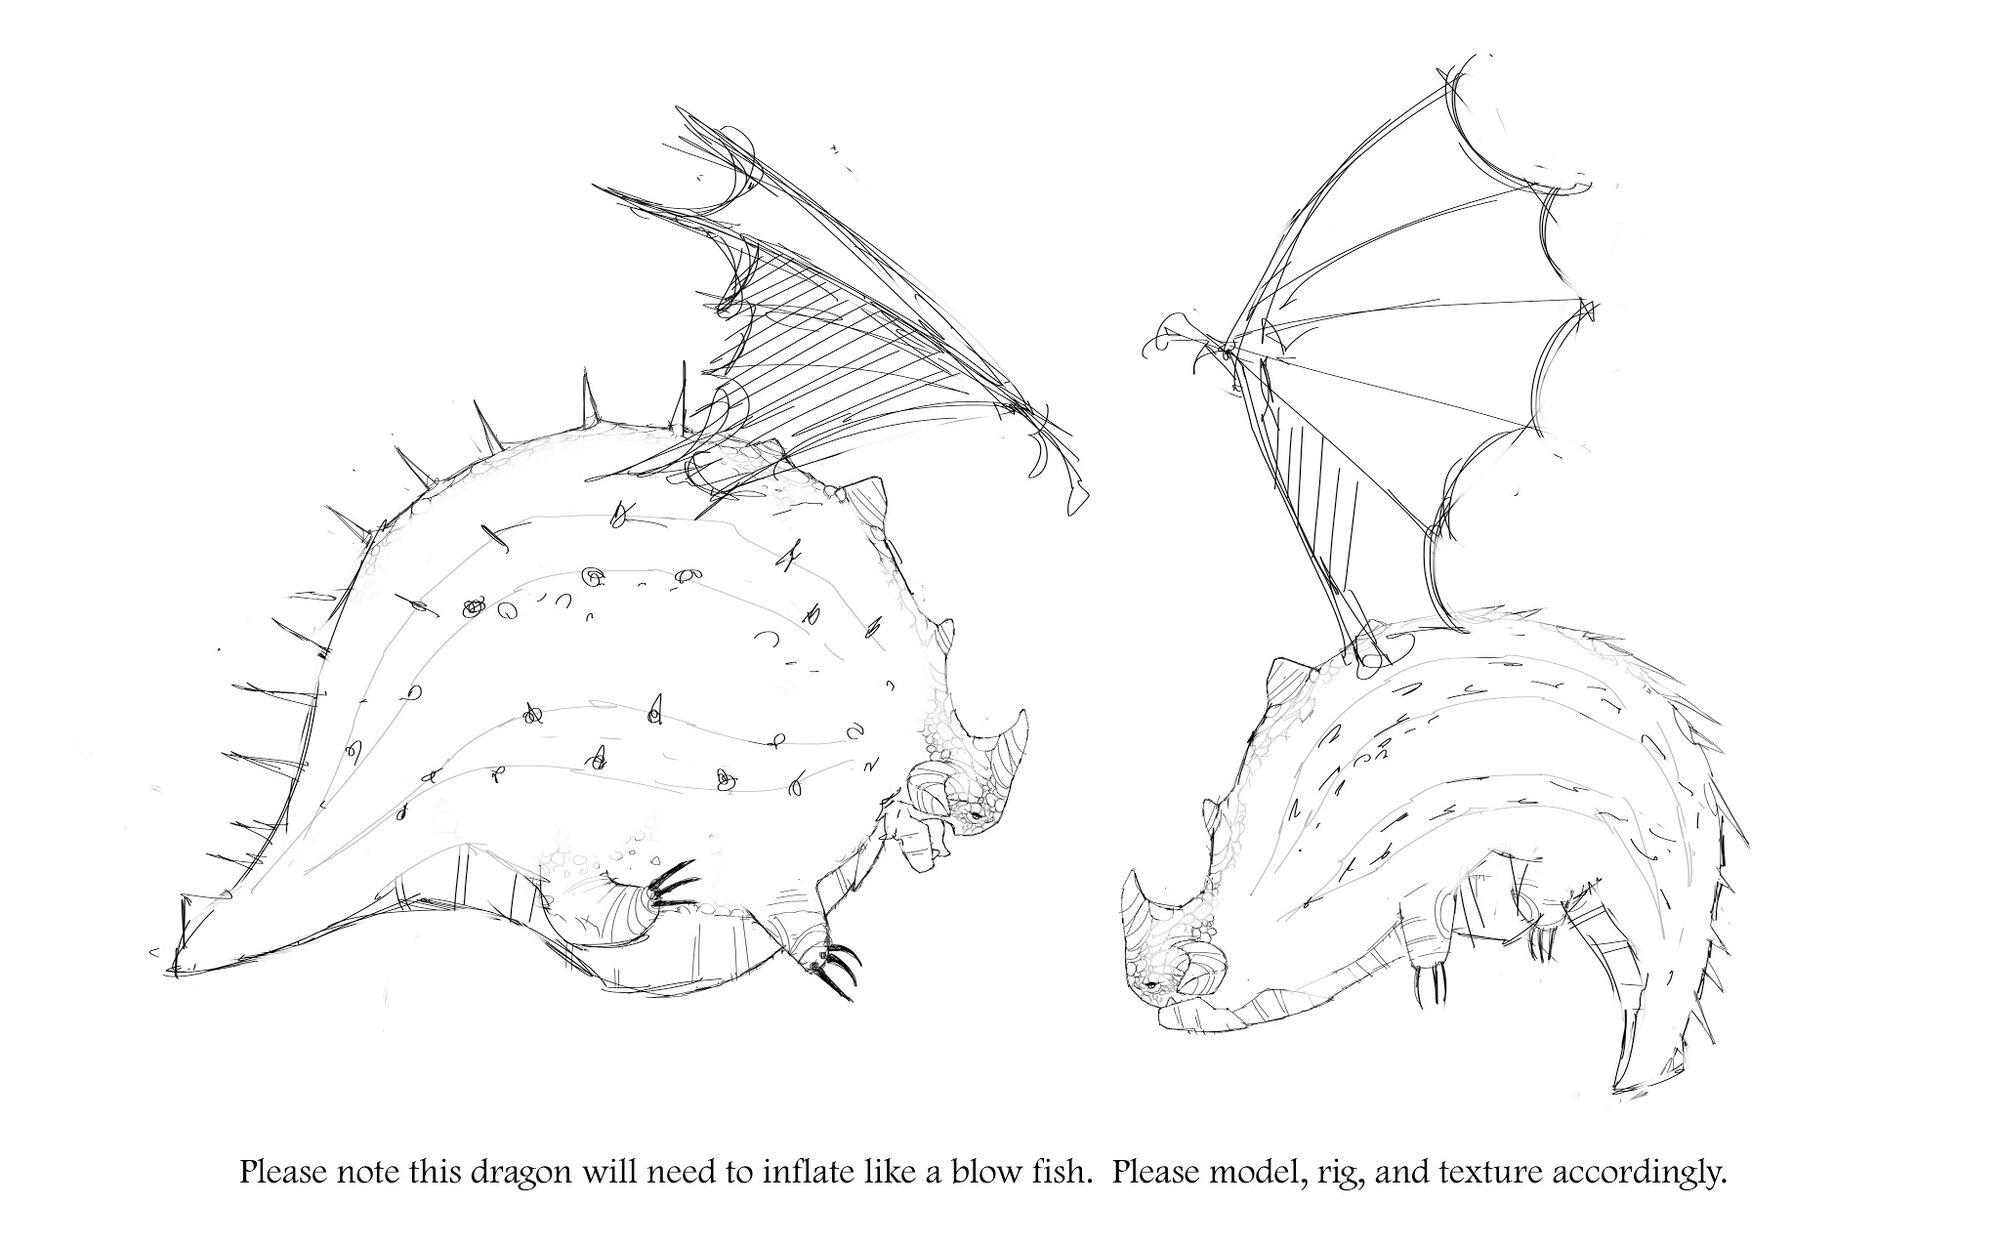 Drachenzähmen Leicht Gemacht Ohnezahn Ausmalbilder : Luxus Ausmalbilder Von Dragon Auf Zu Neuen Ufern Malvorlage